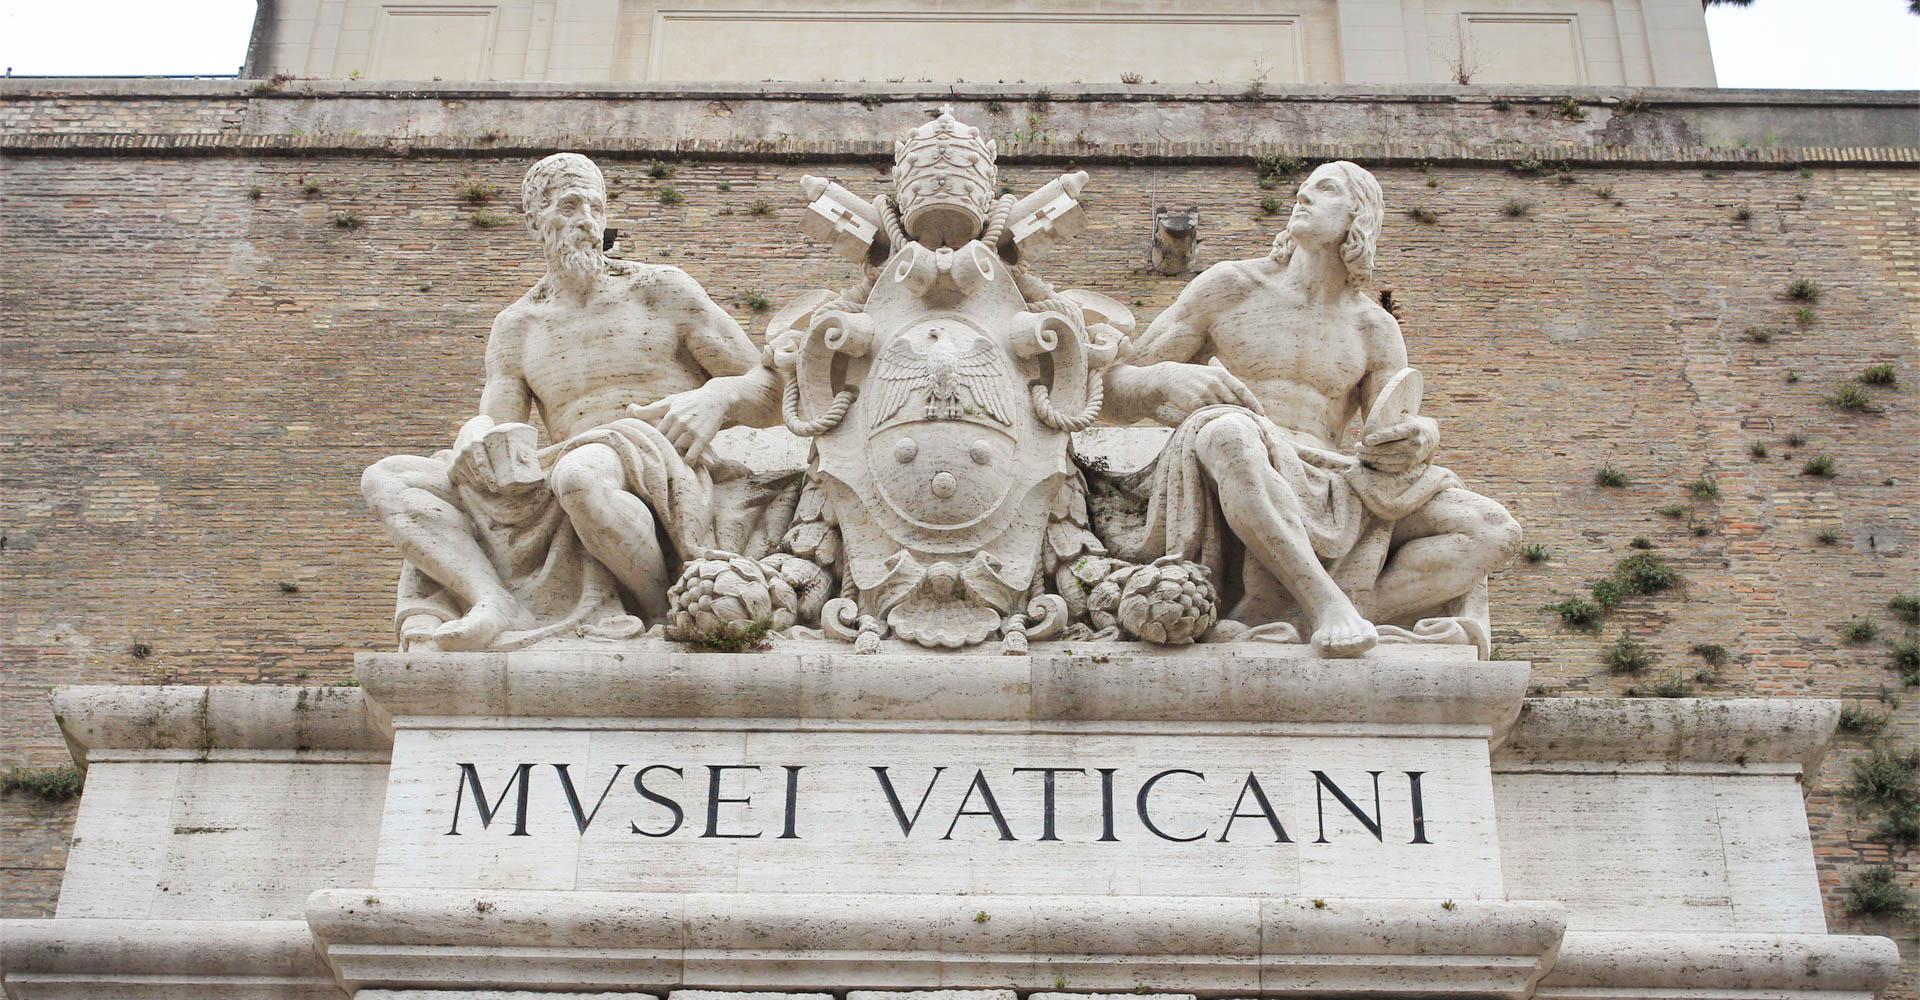 Ausgang der Vatikanischen Museen, Rom